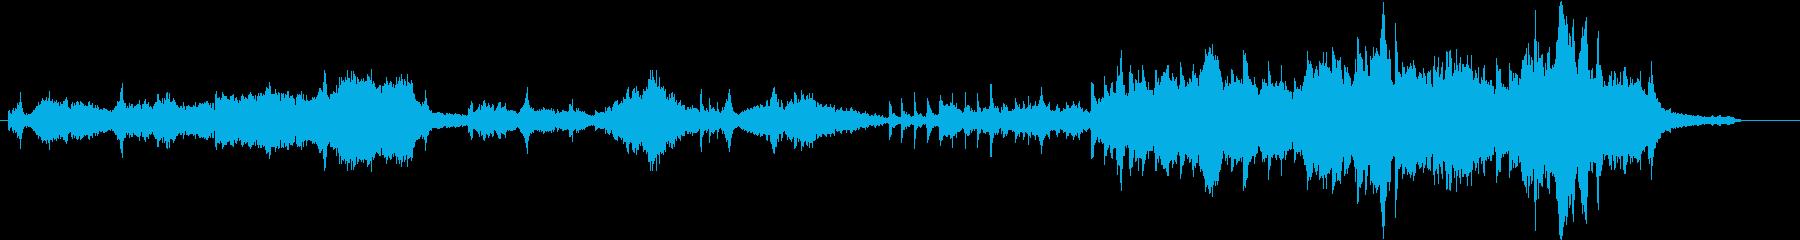 静かな繊細なオーケストラアンビエントの再生済みの波形